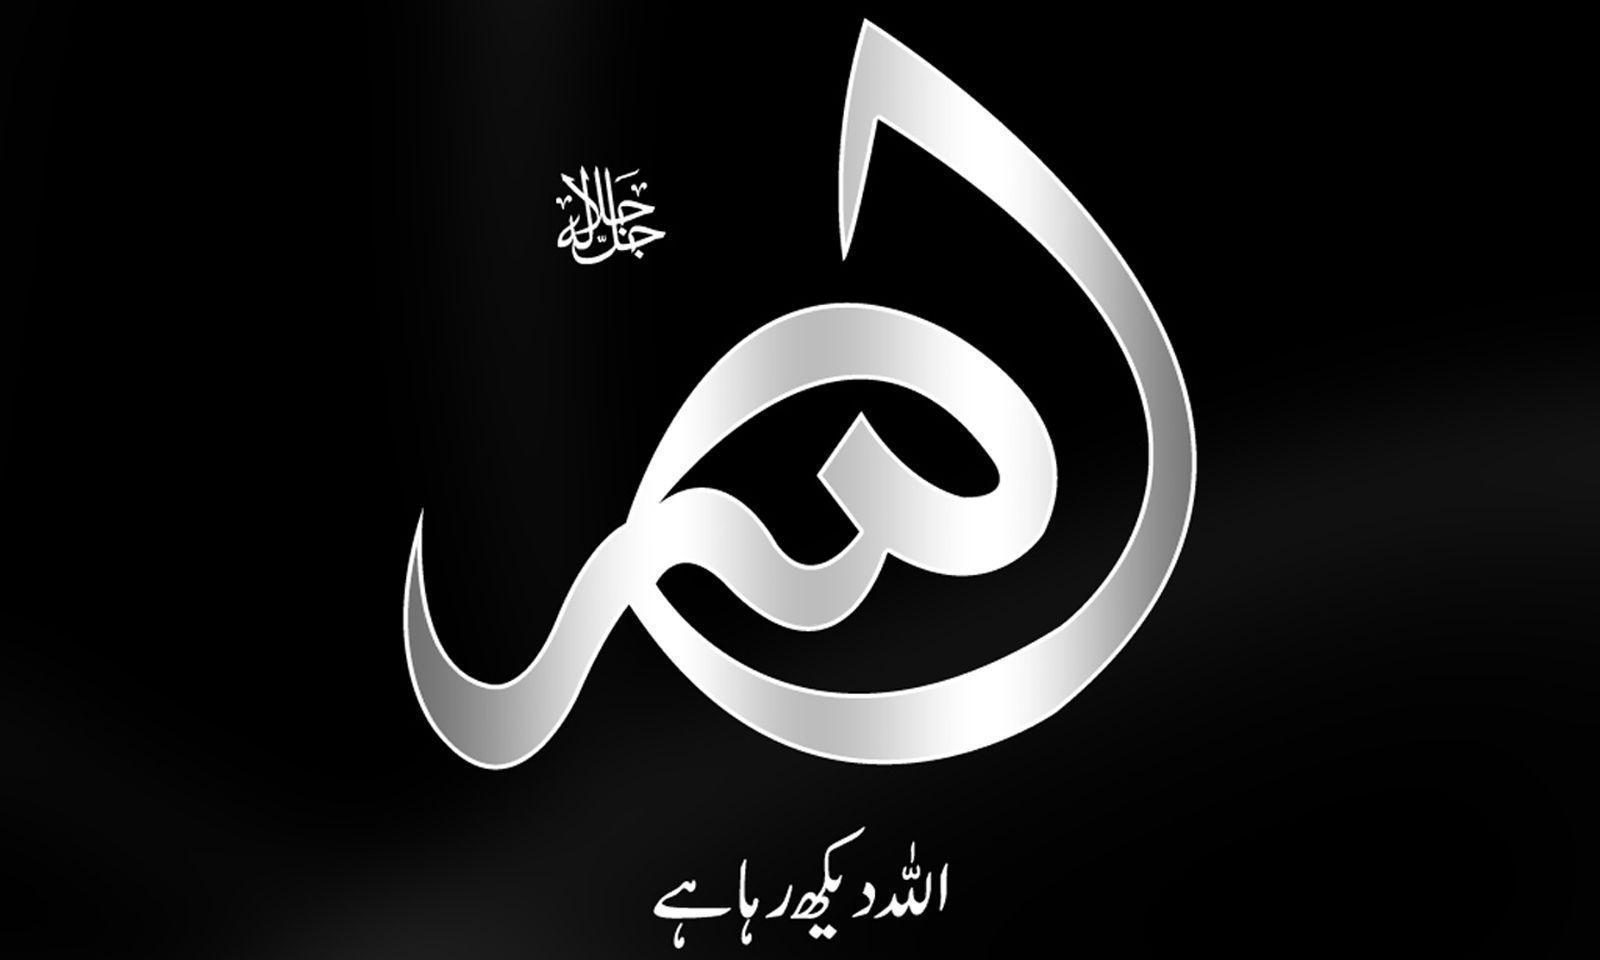 Beautiful Allah Calligraphy Wallpaper Desktop #13124 Wallpaper ...